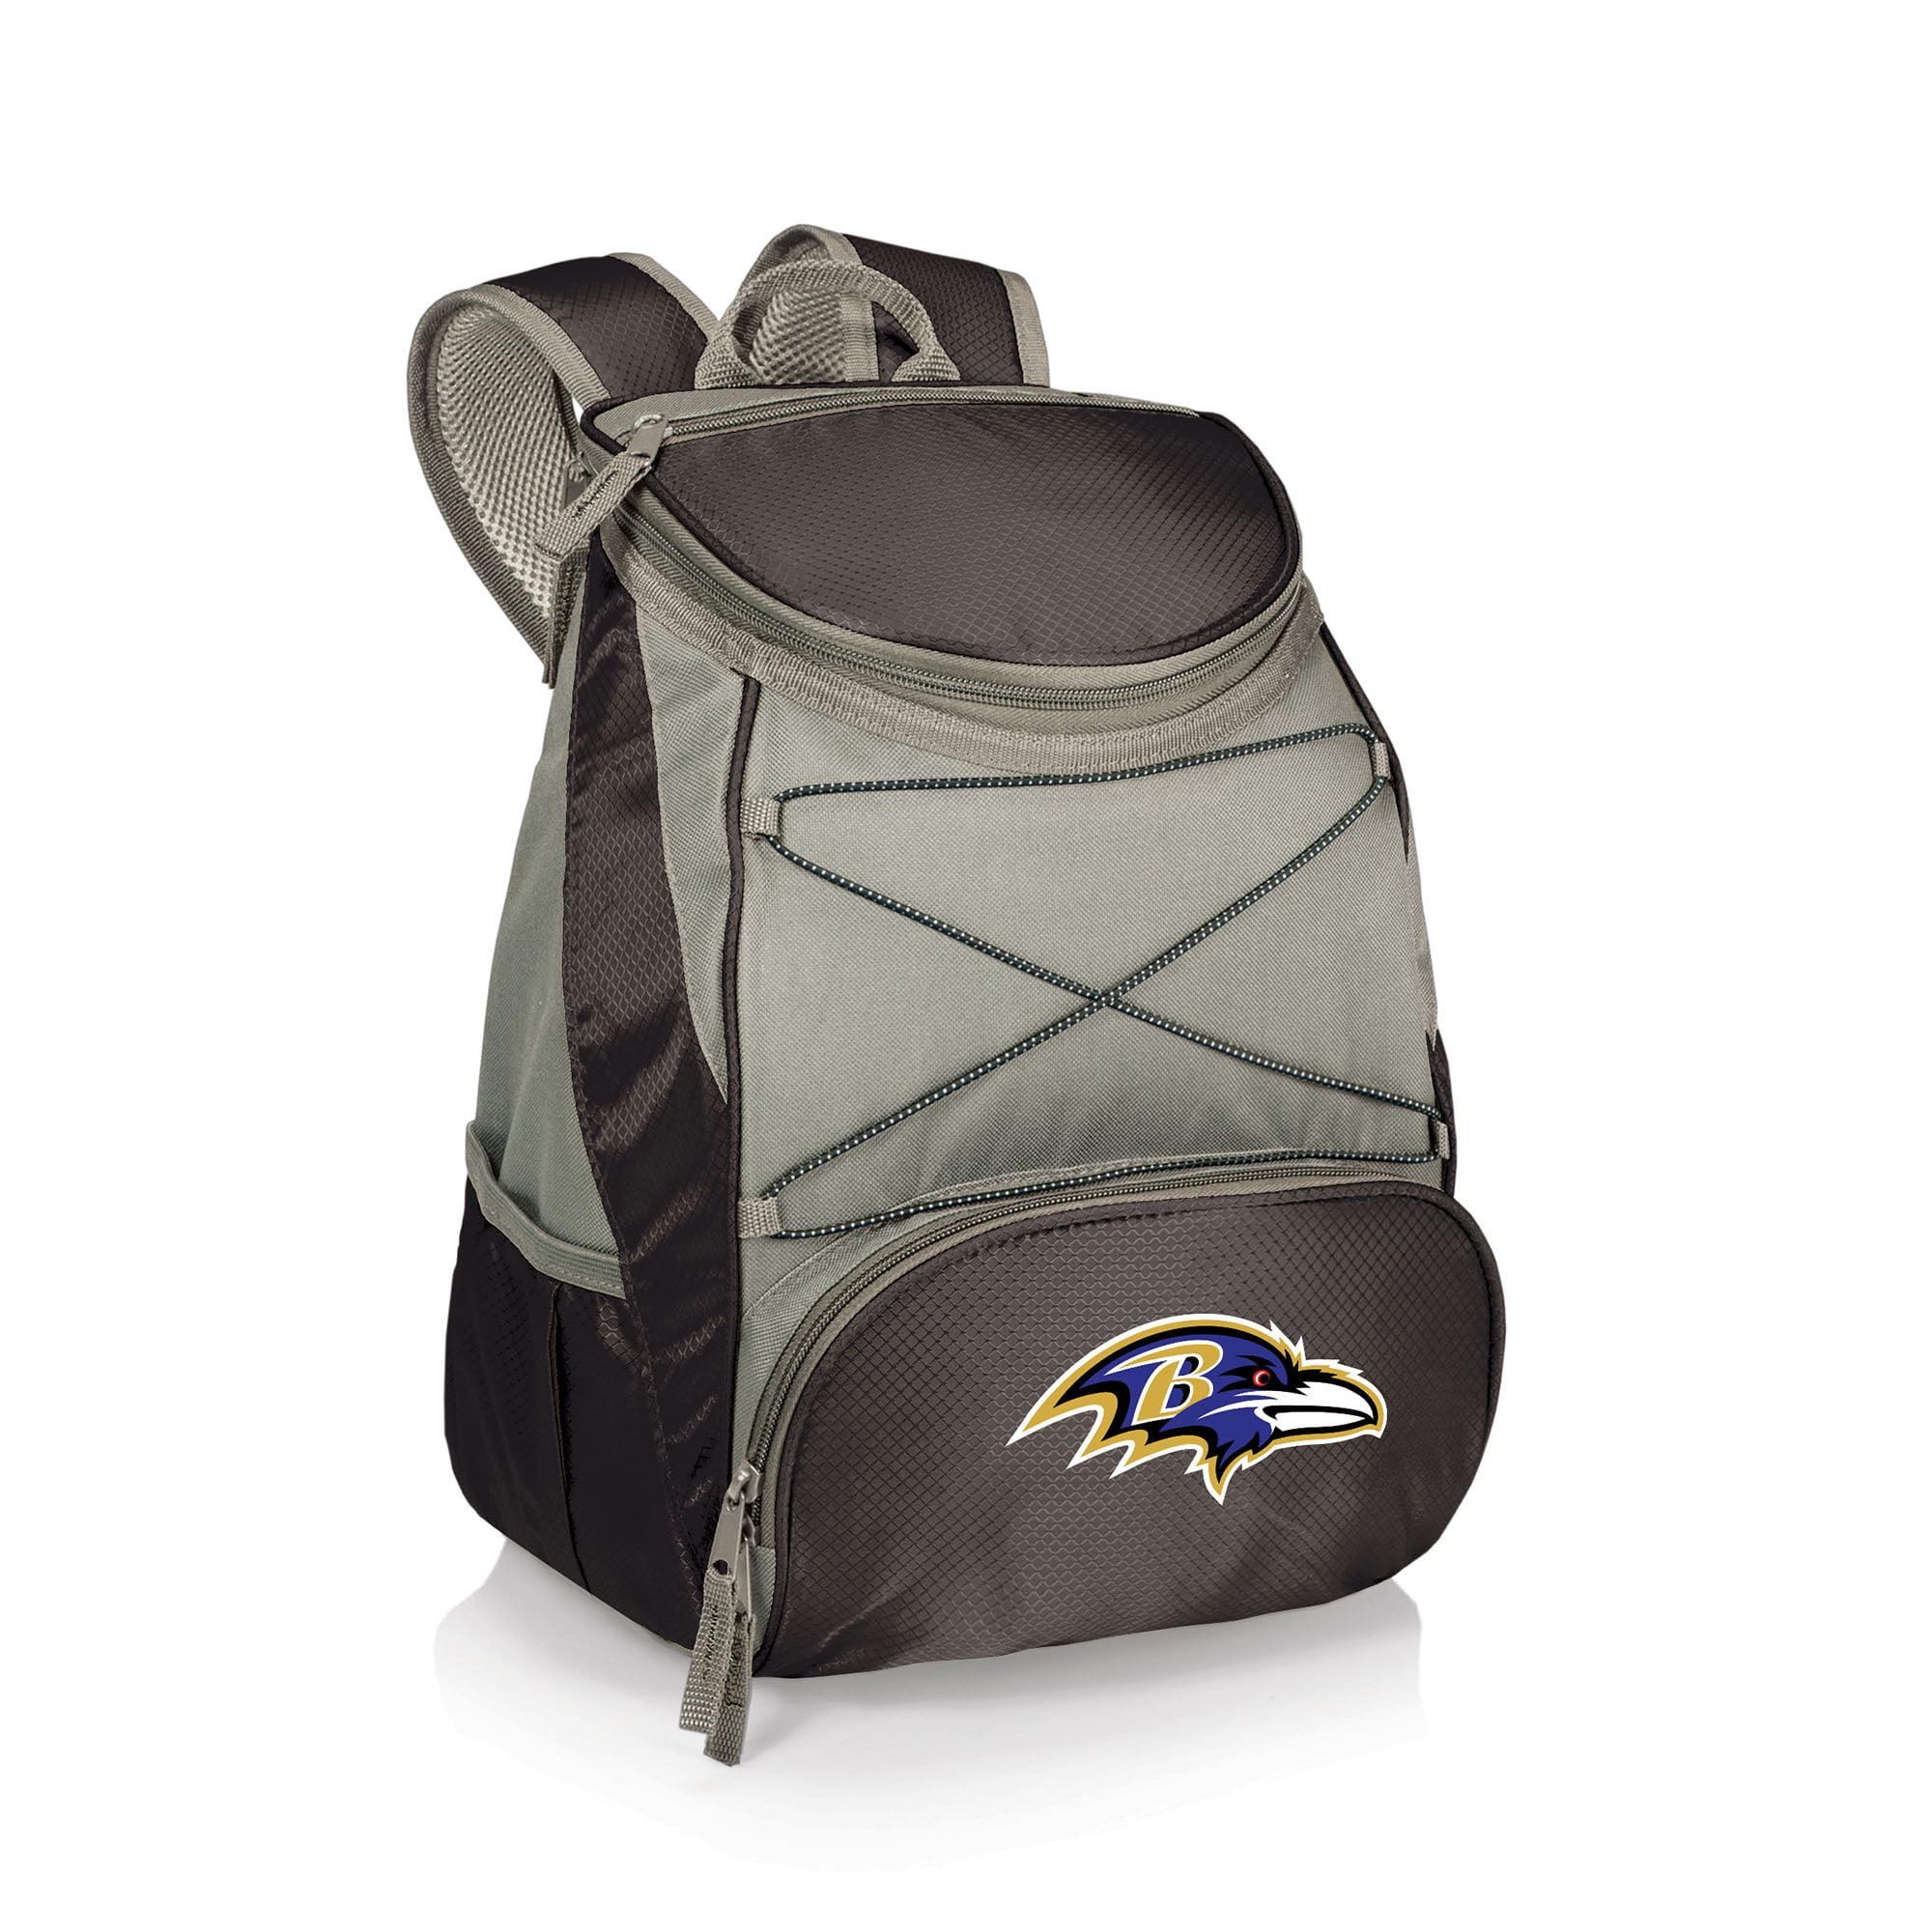 Baltimore Ravens PTX Backpack Cooler - Black - No Size